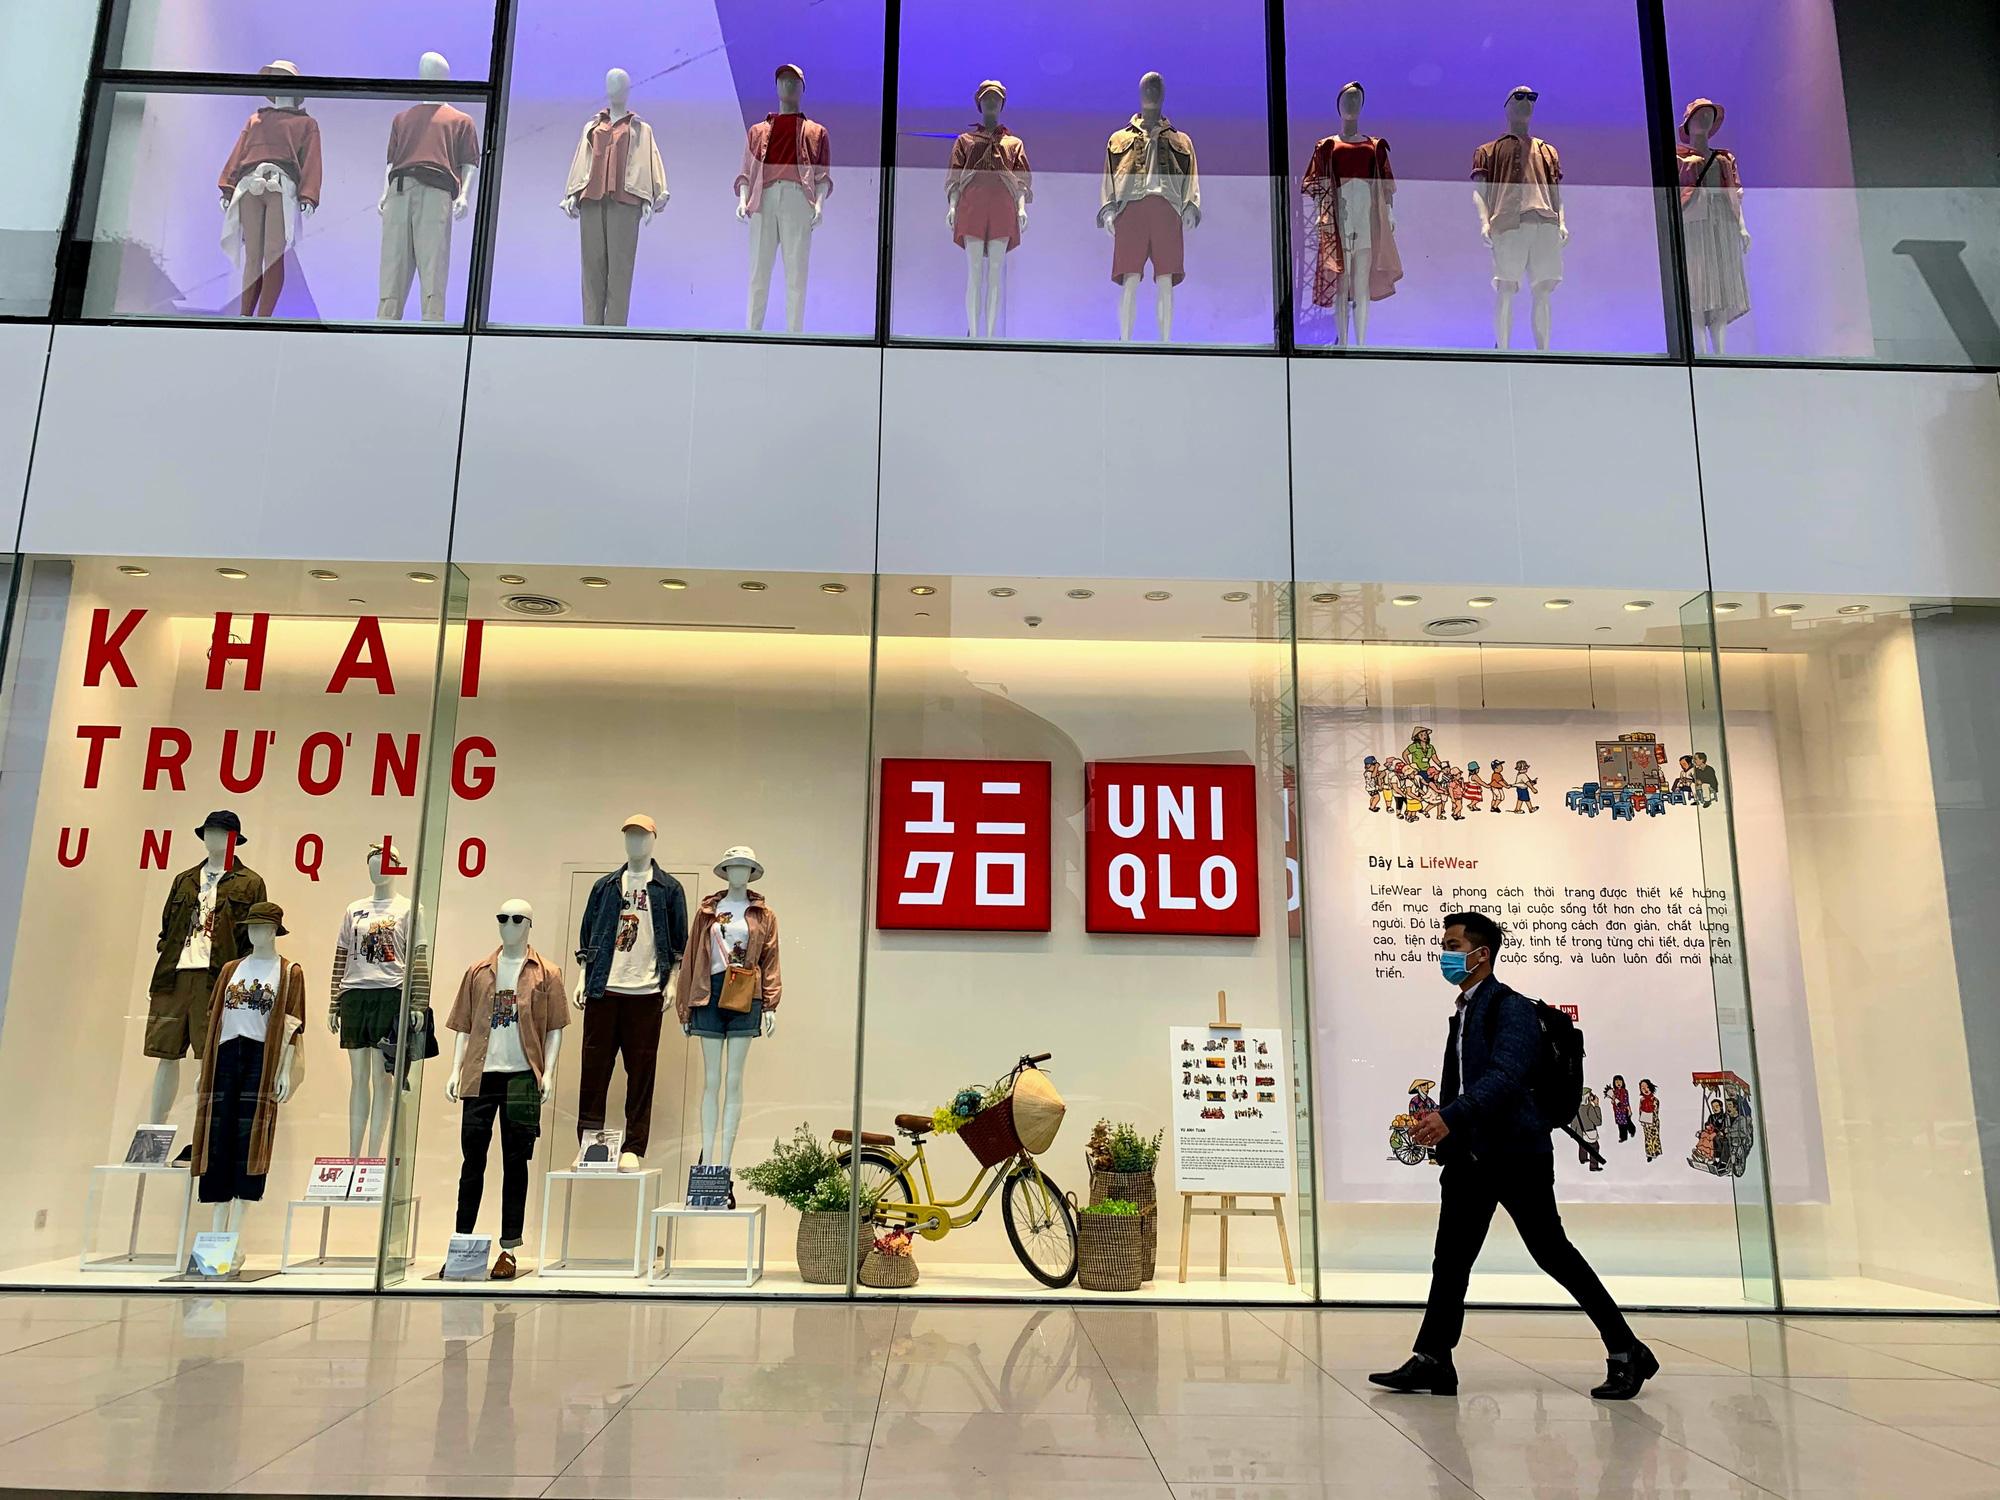 Bên trong cửa hàng Uniqlo lớn nhất Đông Nam Á ở Hà Nội có gì? - Ảnh 10.